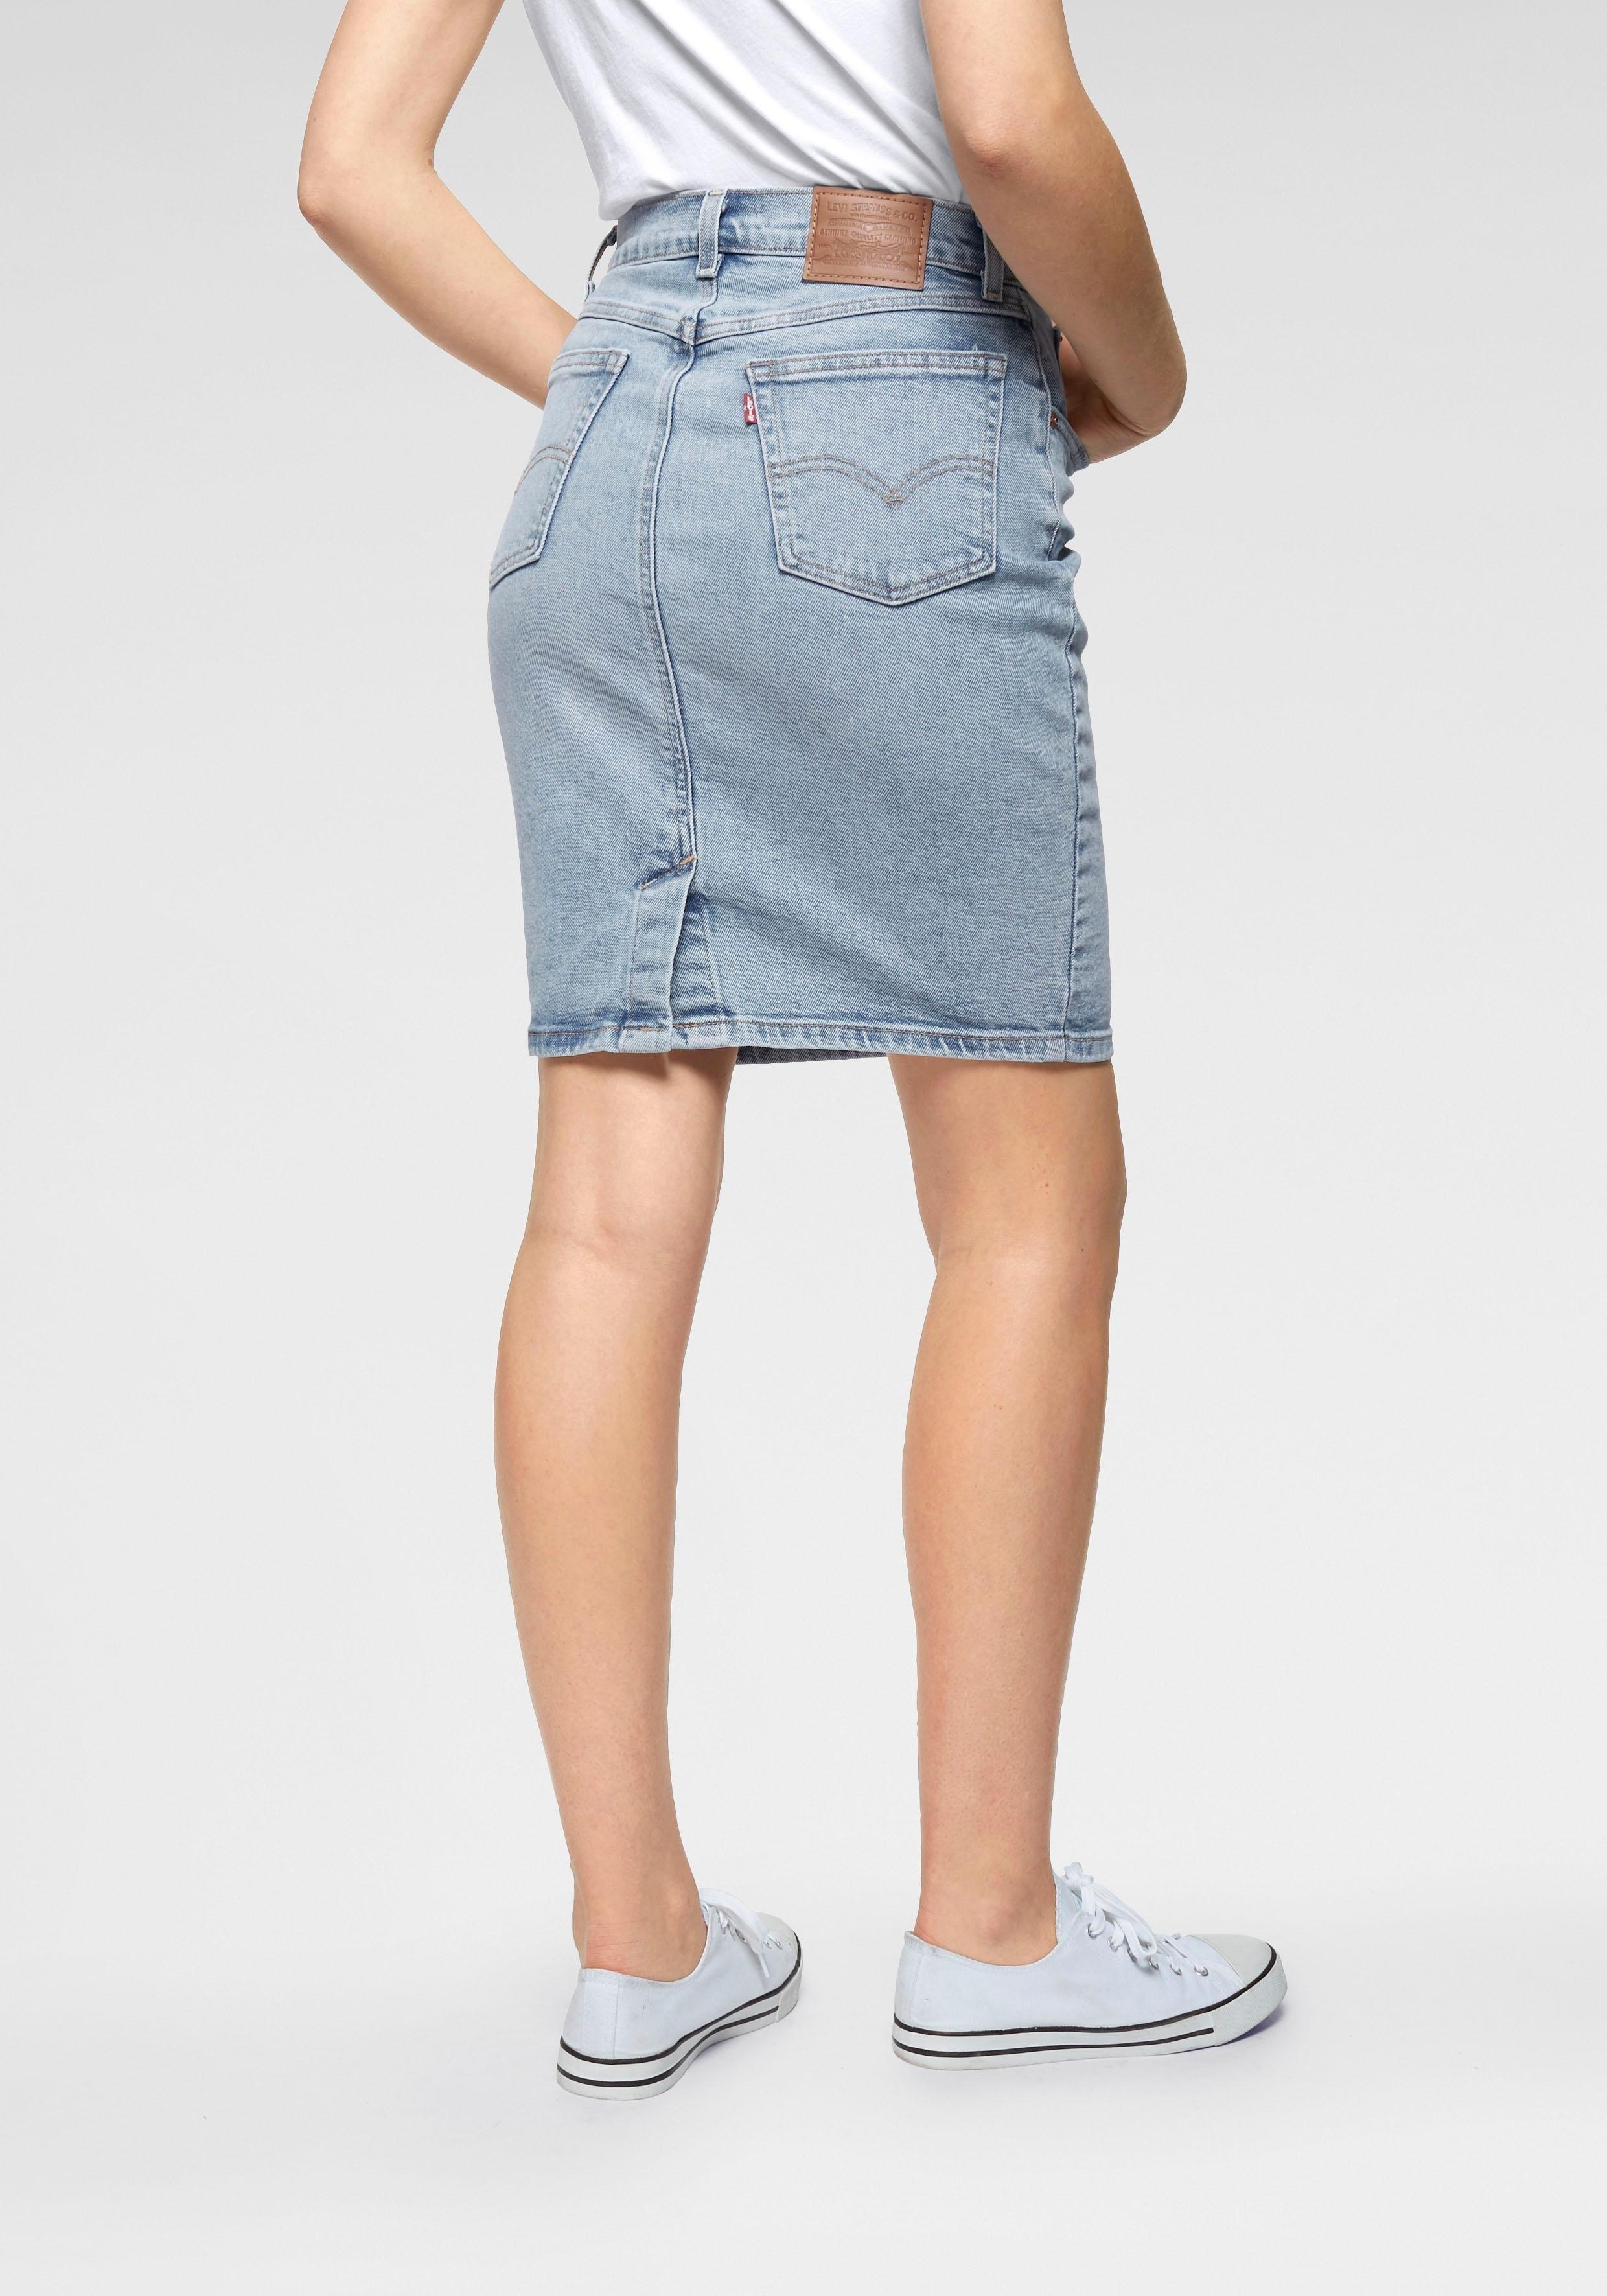 LEVI'S ® jeansrok »Core skirt« voordelig en veilig online kopen